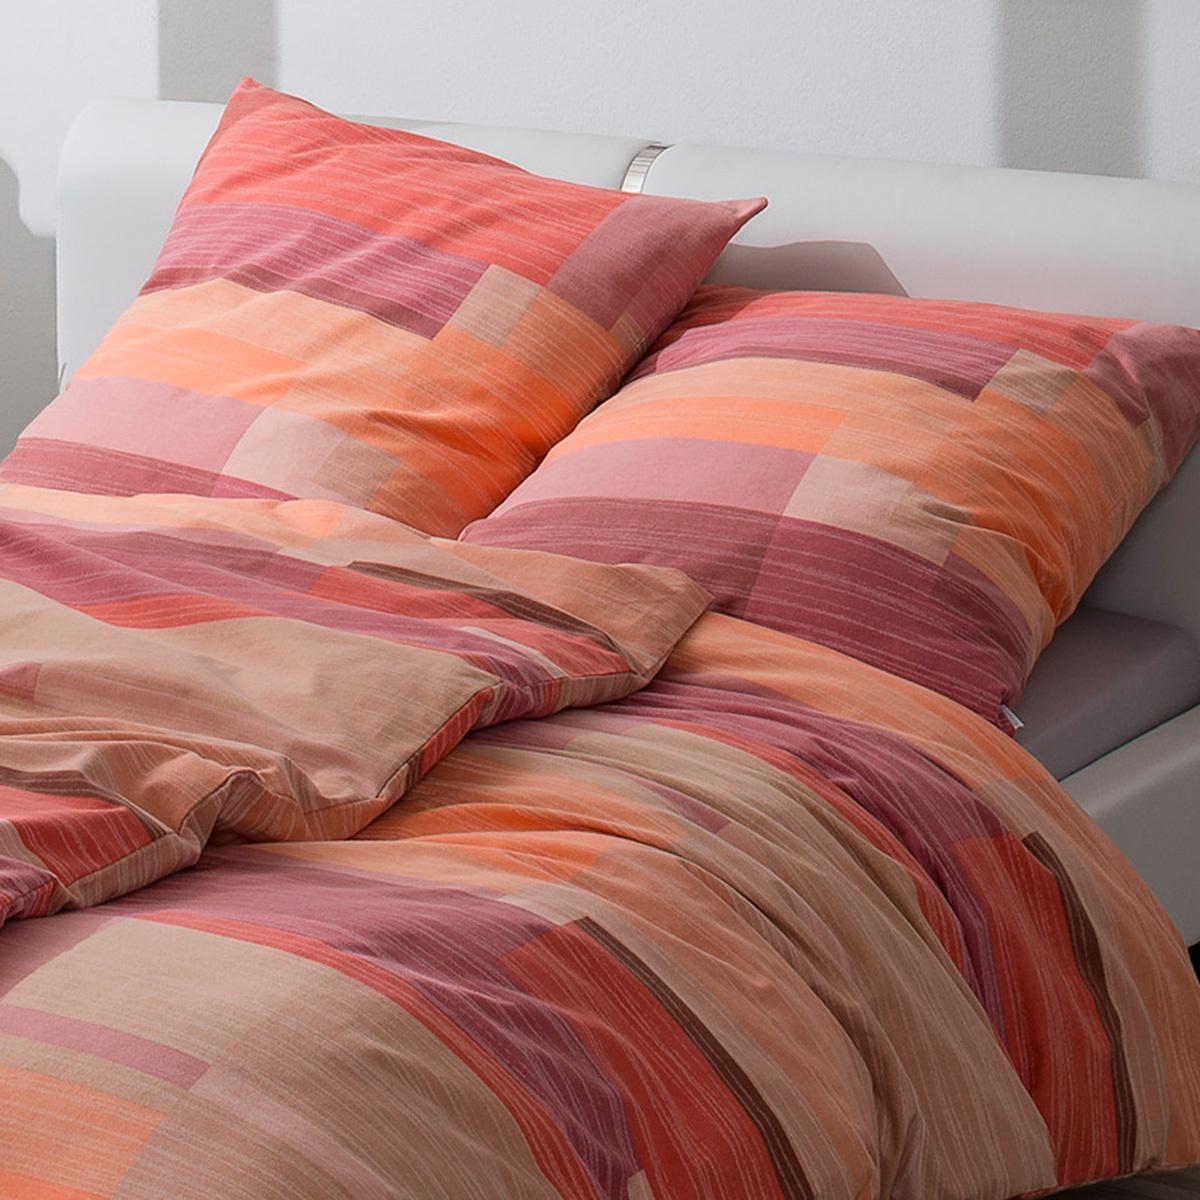 estella feinflanell bettw sche baldo hummer g nstig online kaufen bei bettwaren shop. Black Bedroom Furniture Sets. Home Design Ideas